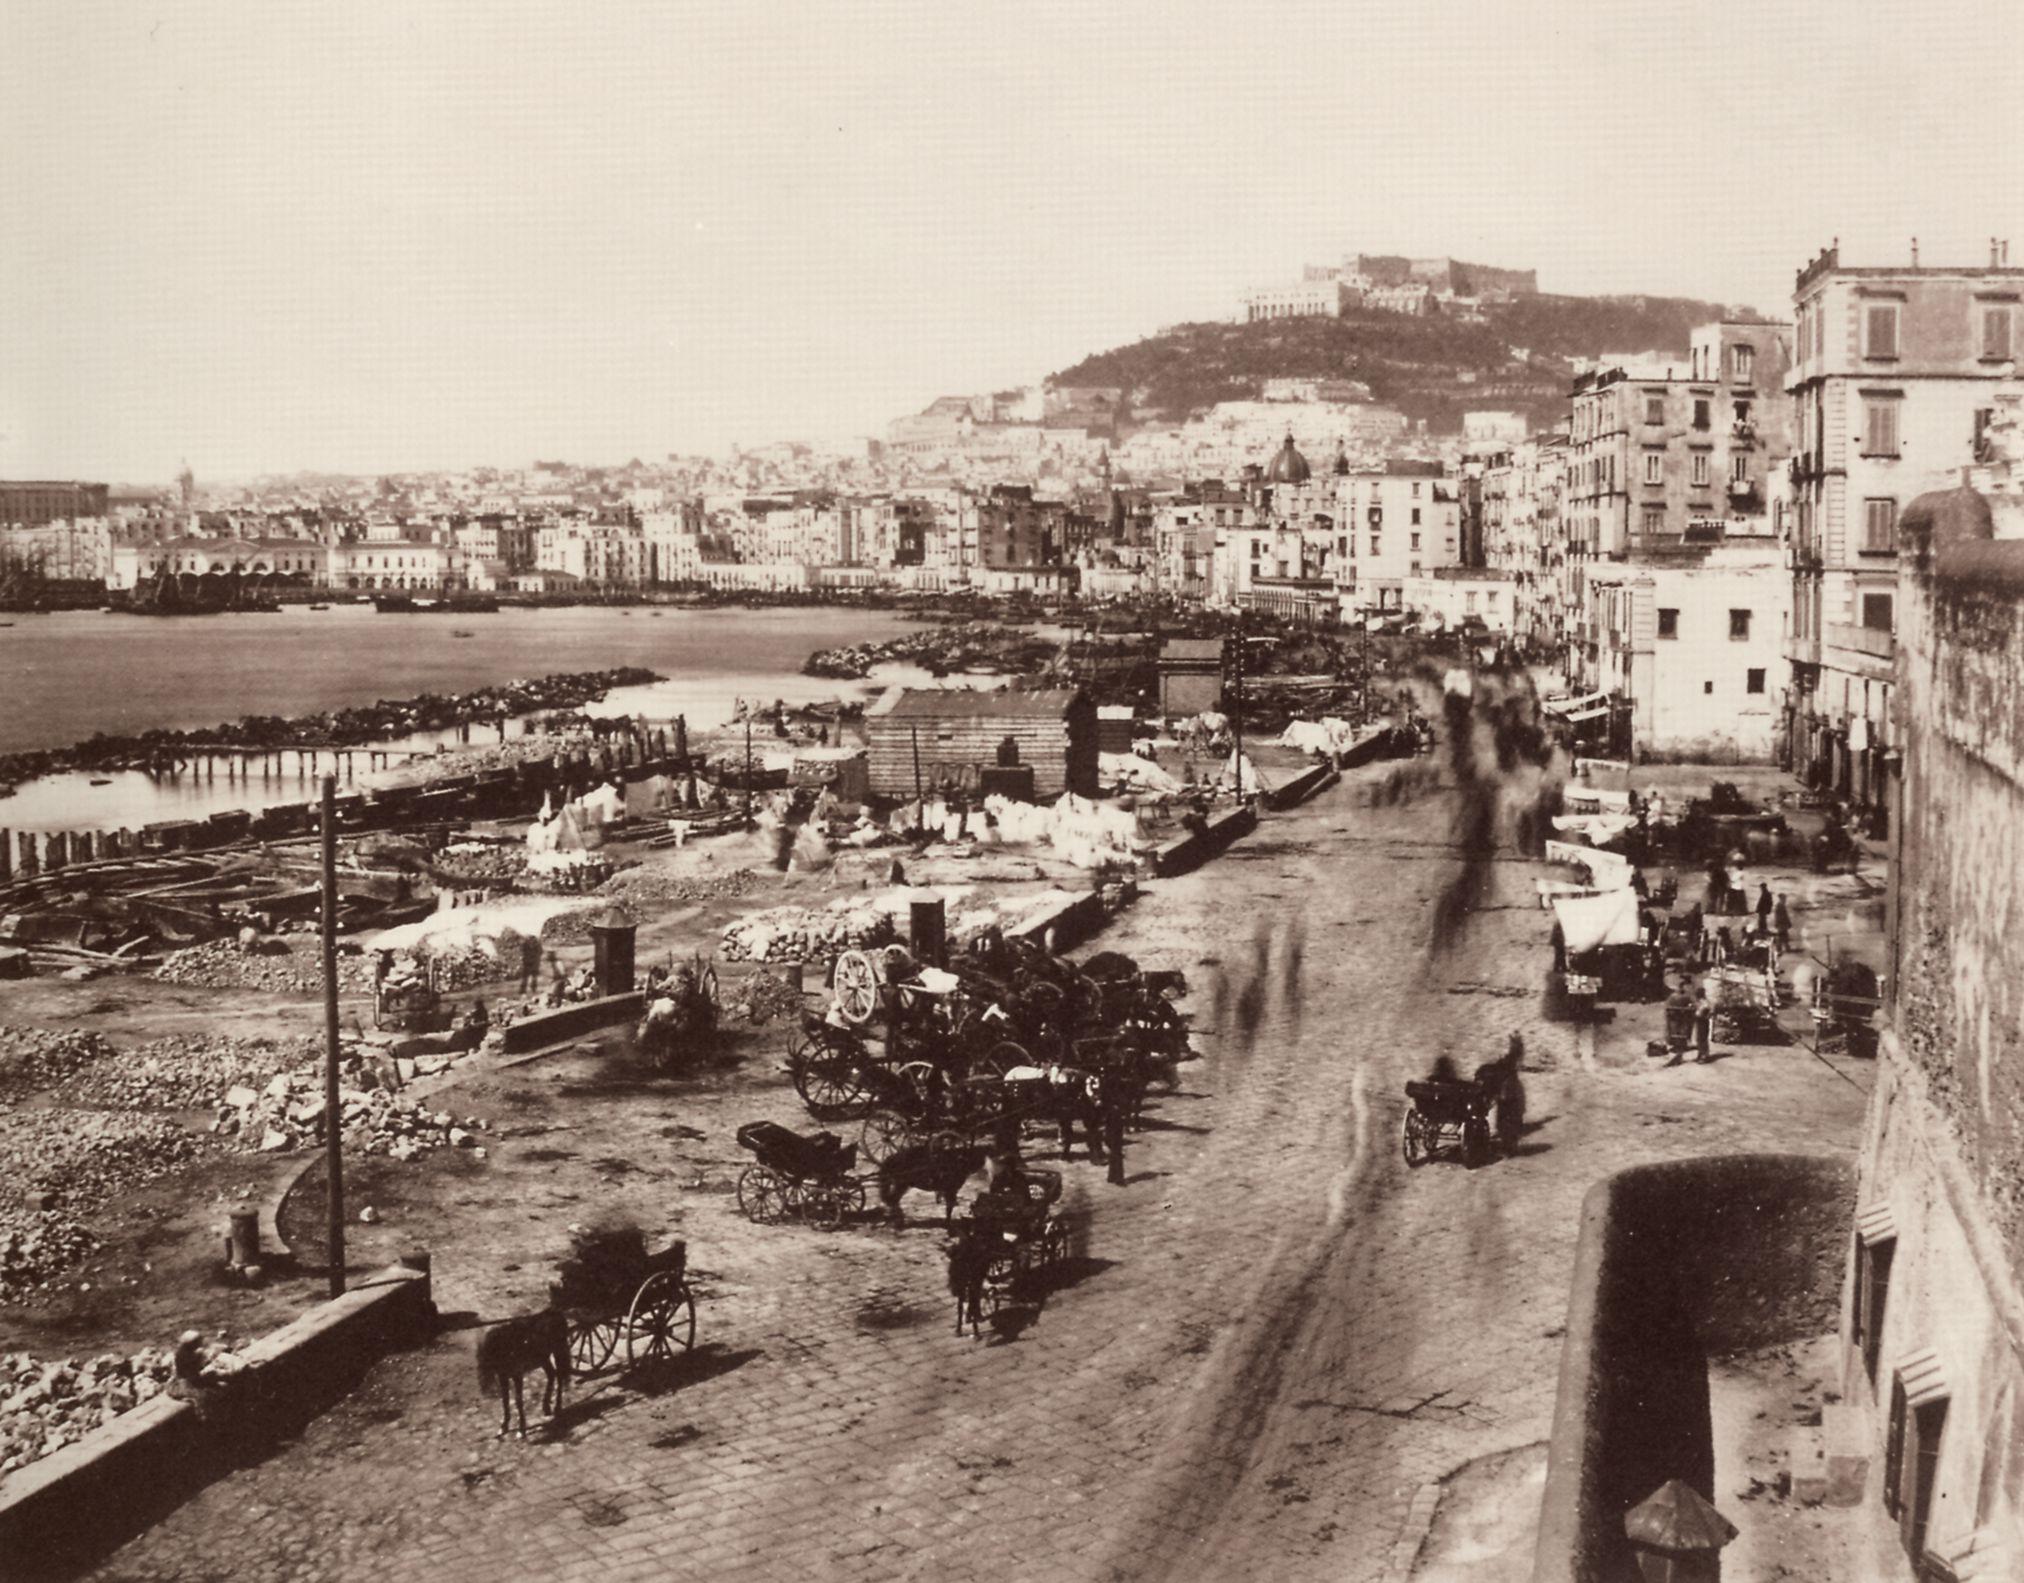 Davis Vantage Vue >> Napoli una volta - Pagina 11 - Forum Campanialive